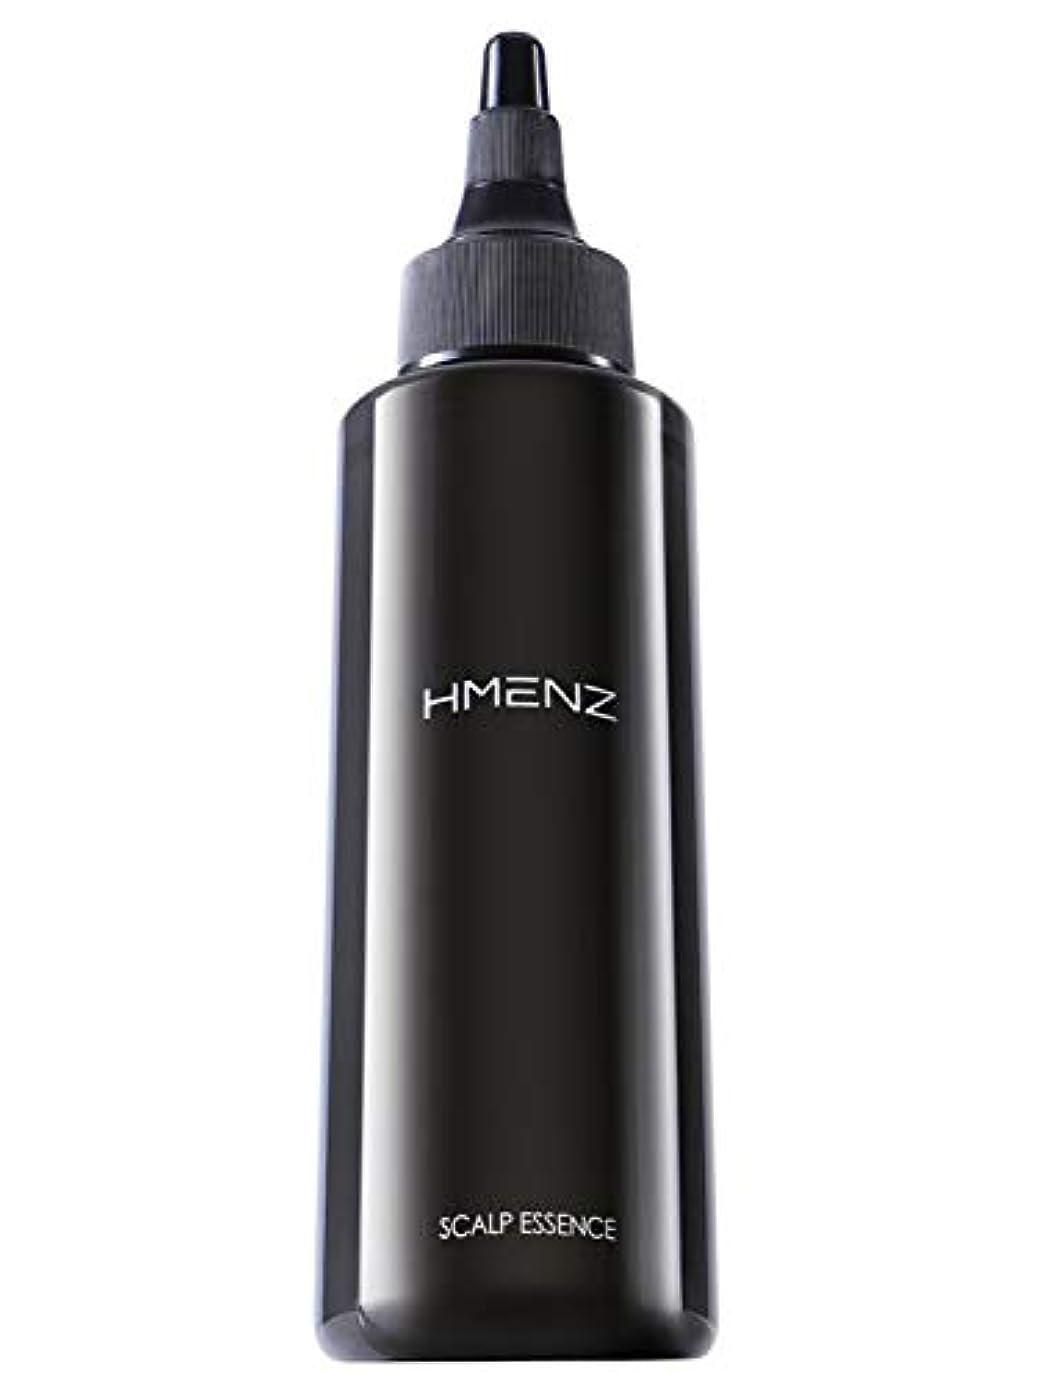 実装する適応太鼓腹医薬部外品 HMENZ メンズ 育毛剤 スカルプエッセンス 毛髪エイジングケアシリーズ 和漢根 海藻配合 育毛トニック 120ml